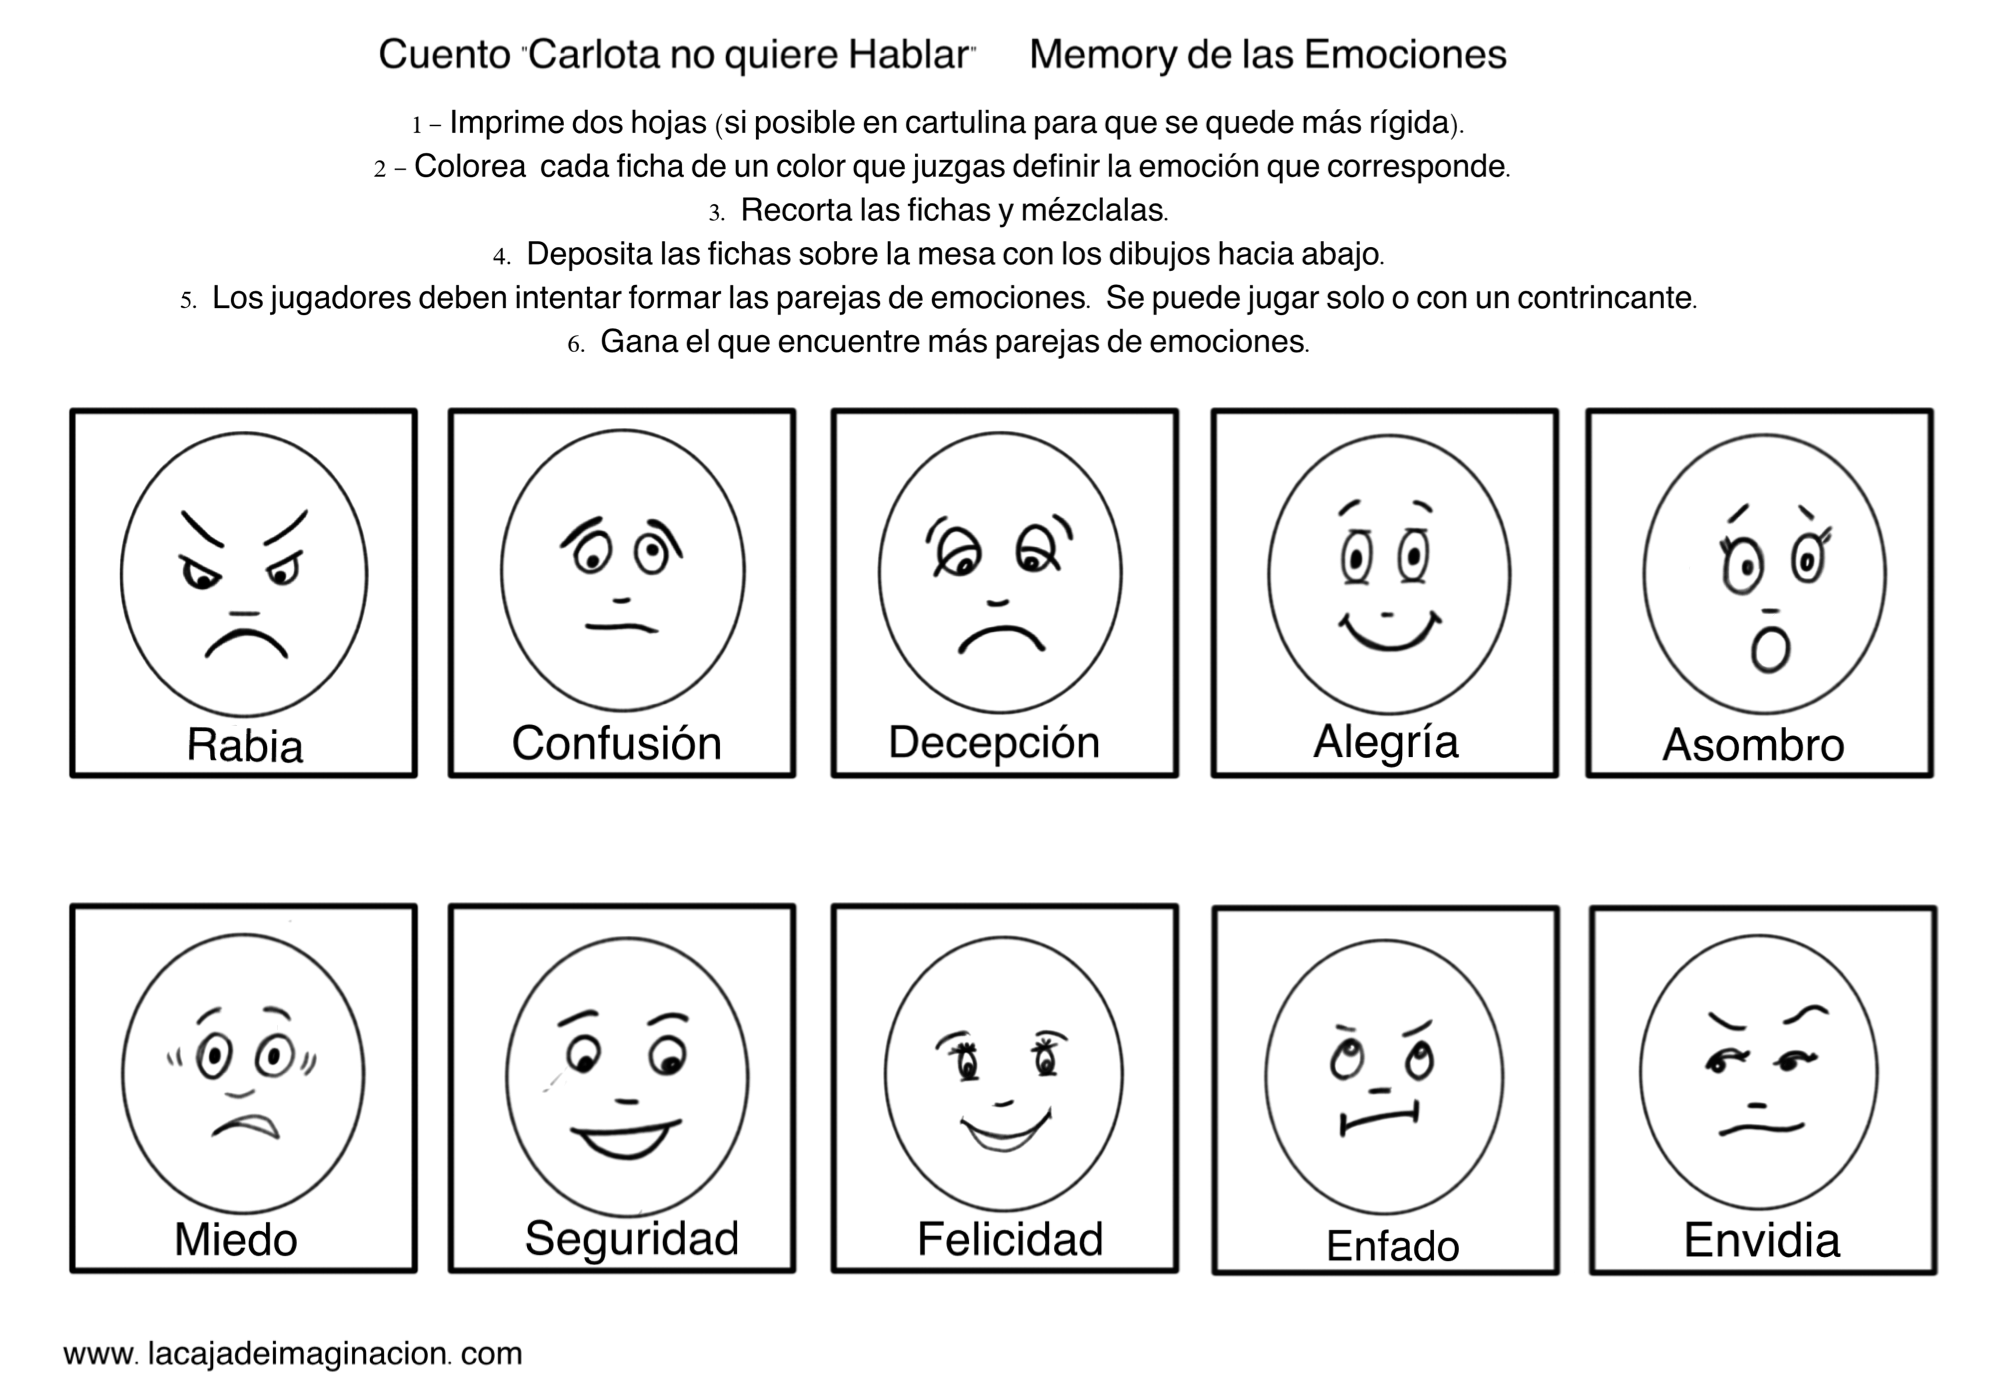 Juego Carlota no quiere hablar memory emociones